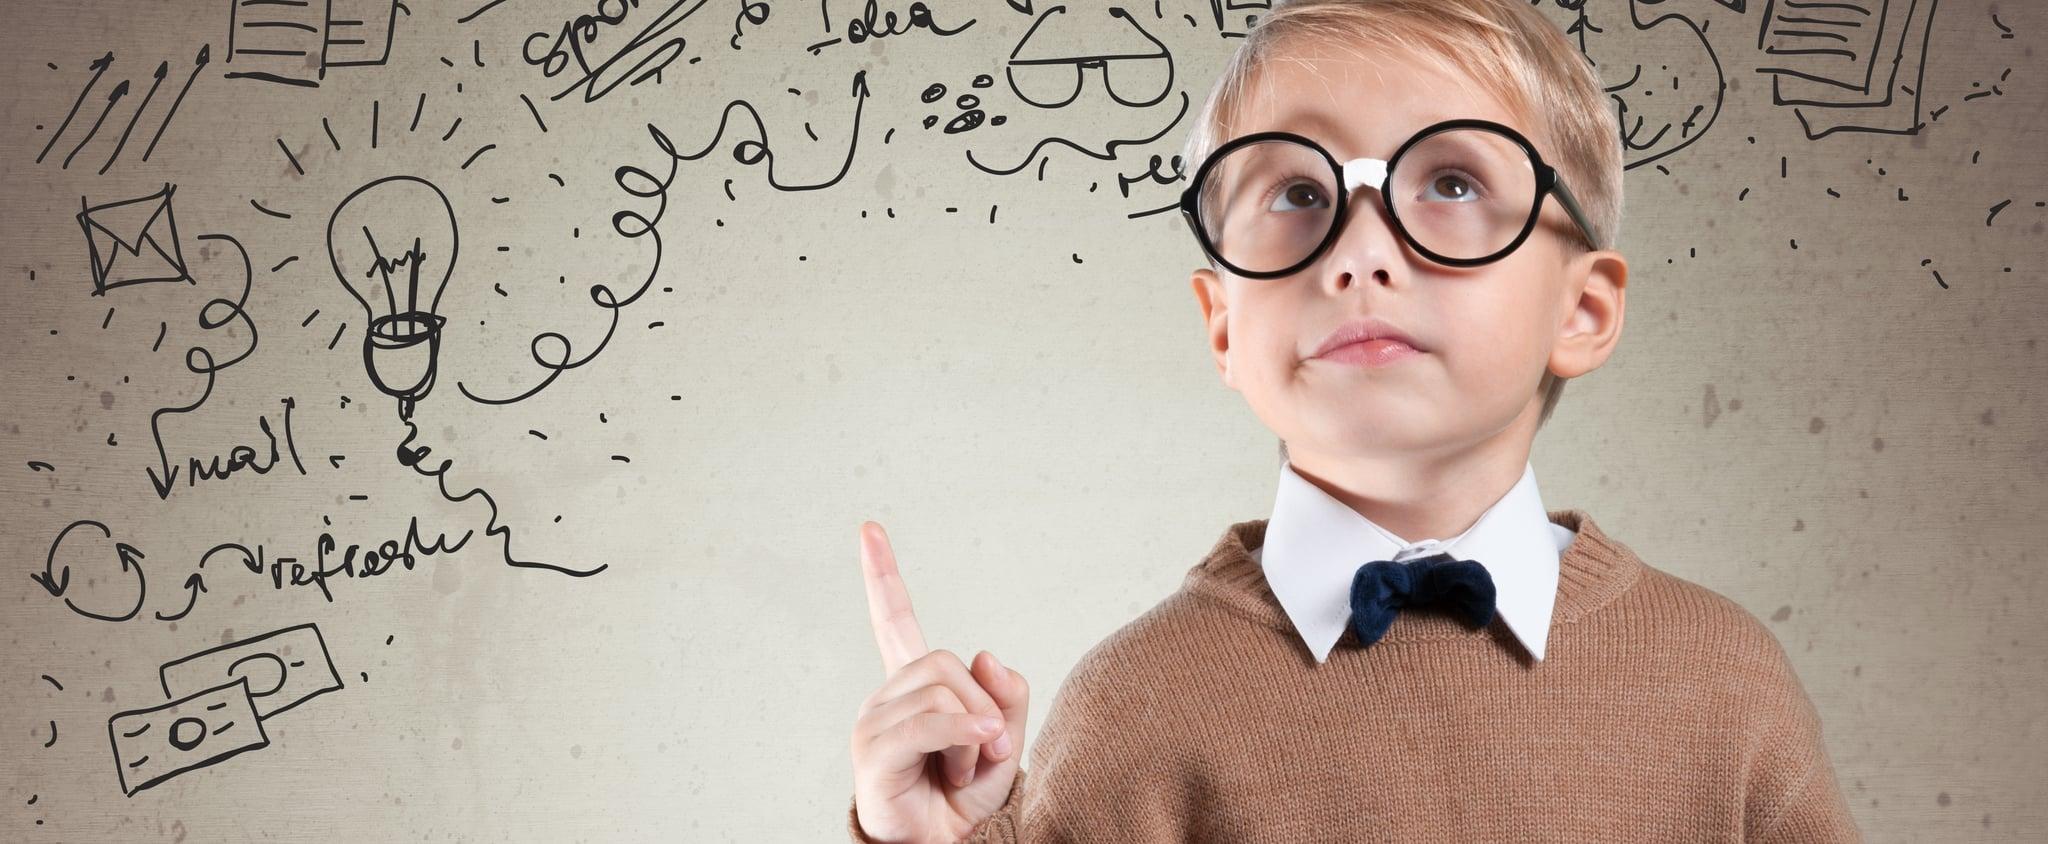 5 أفكار لتحفيز ذكاء الأطفال ومهاراتهم الإبداعية في المنزل